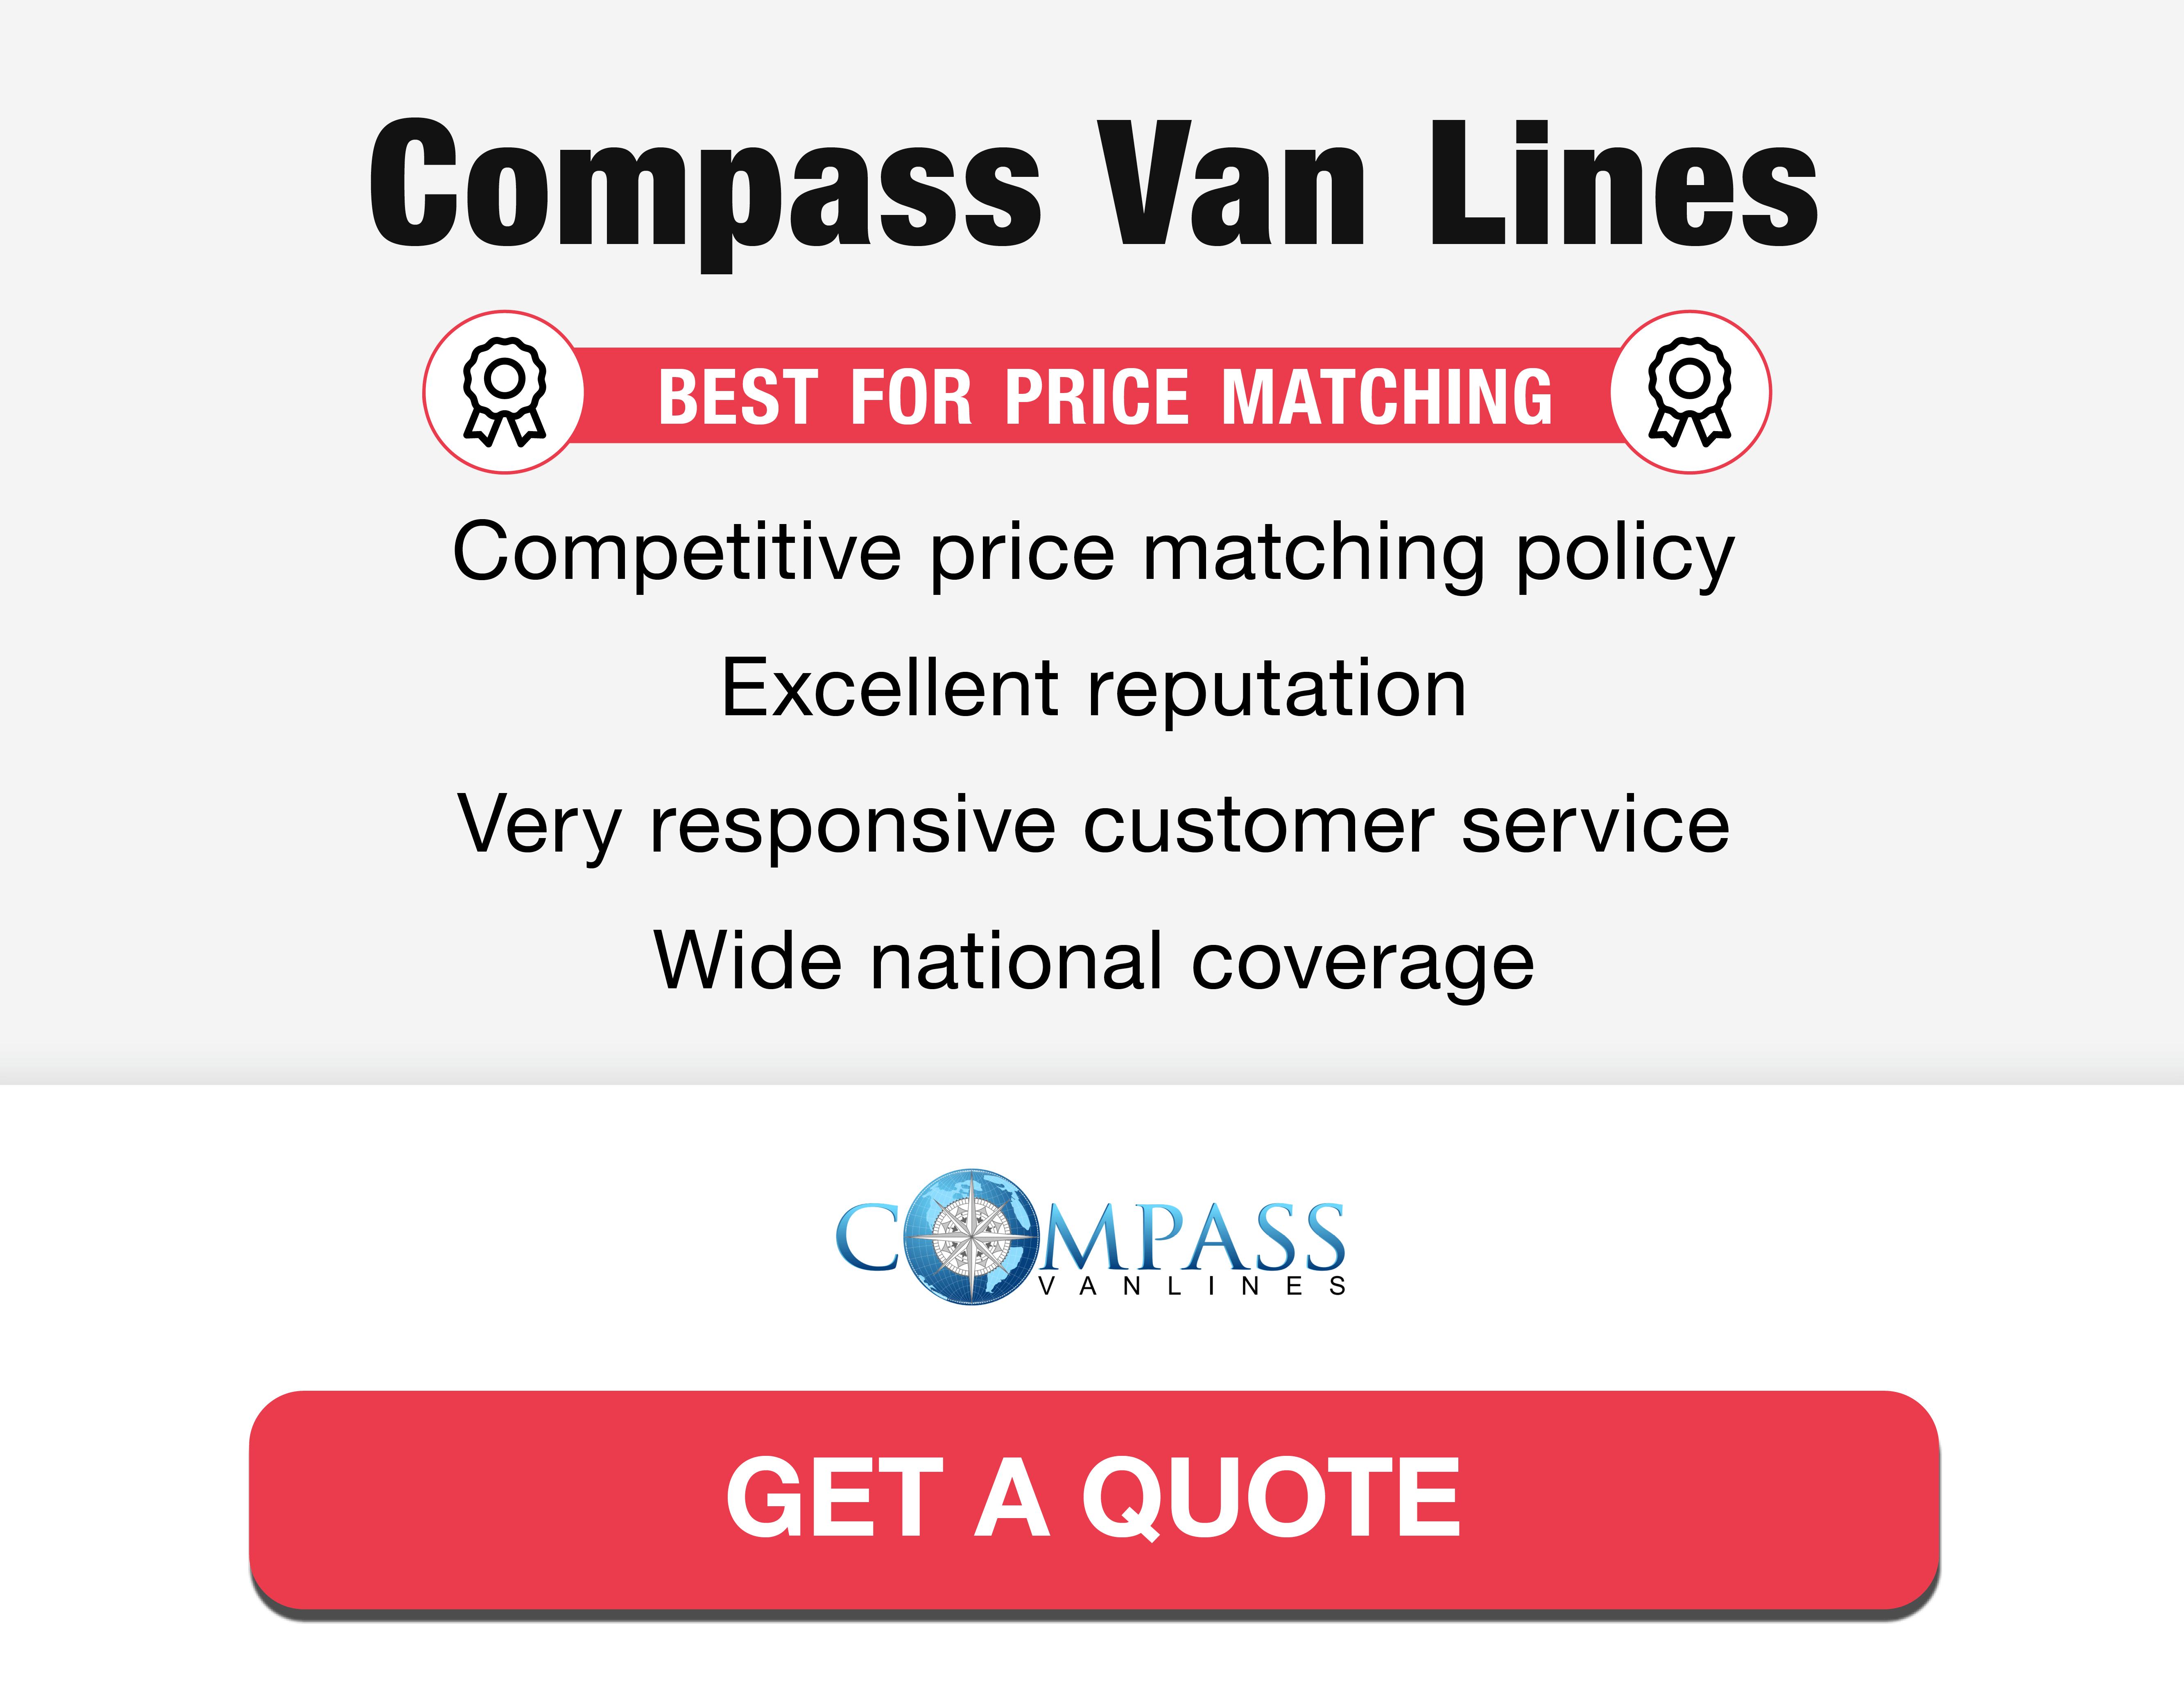 Compass Van Lines